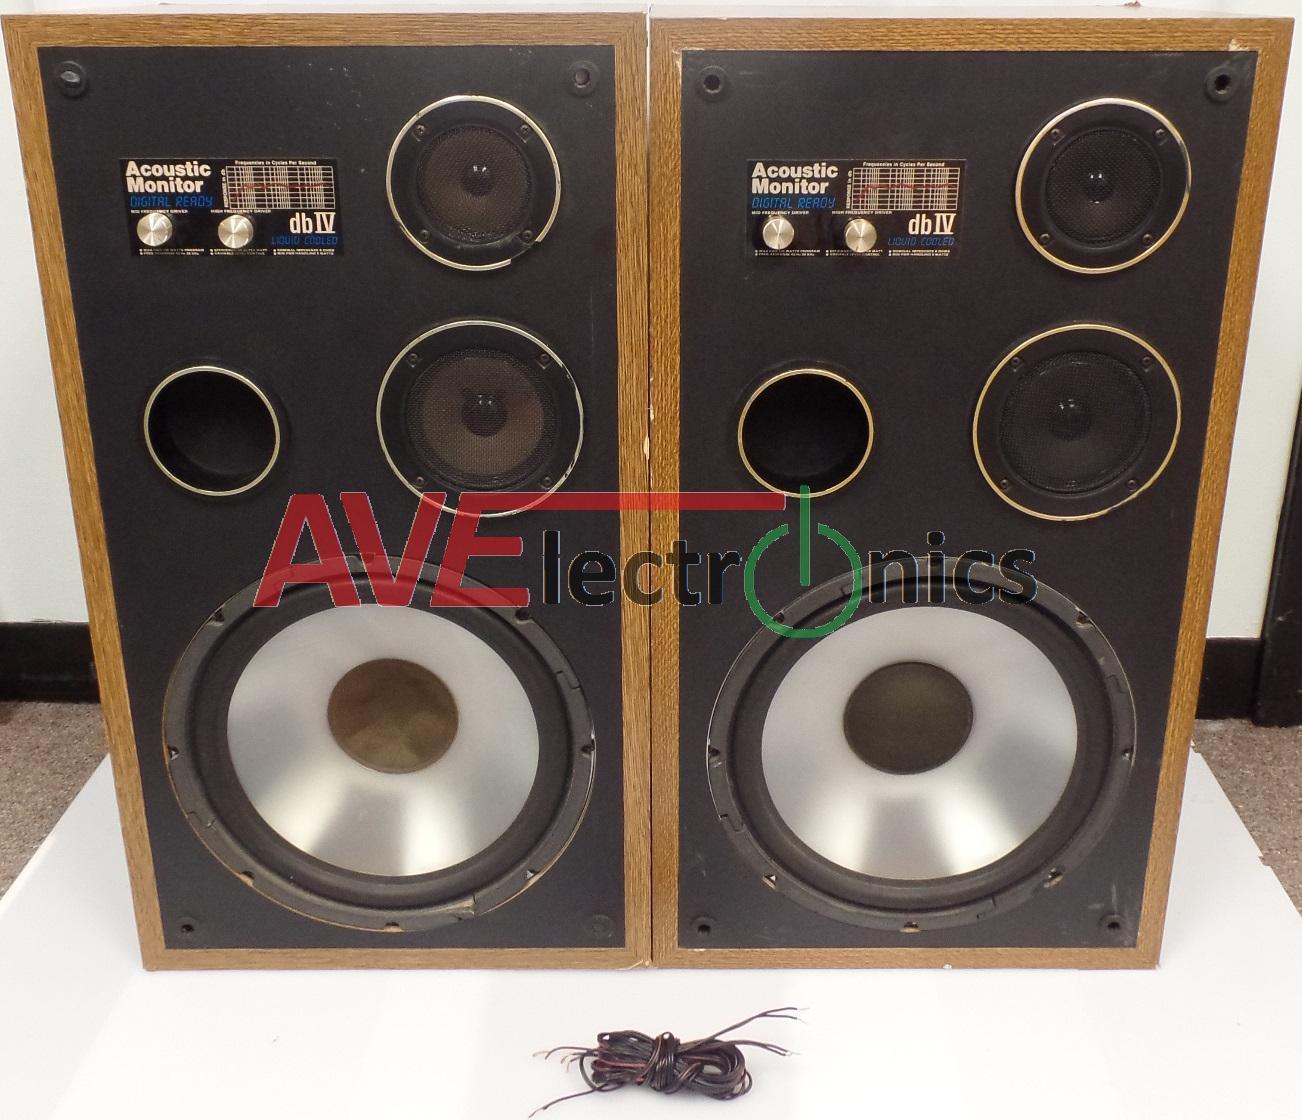 One pair (2 speakers) Acoustic Monitor Digital Ready Speakers dbIV